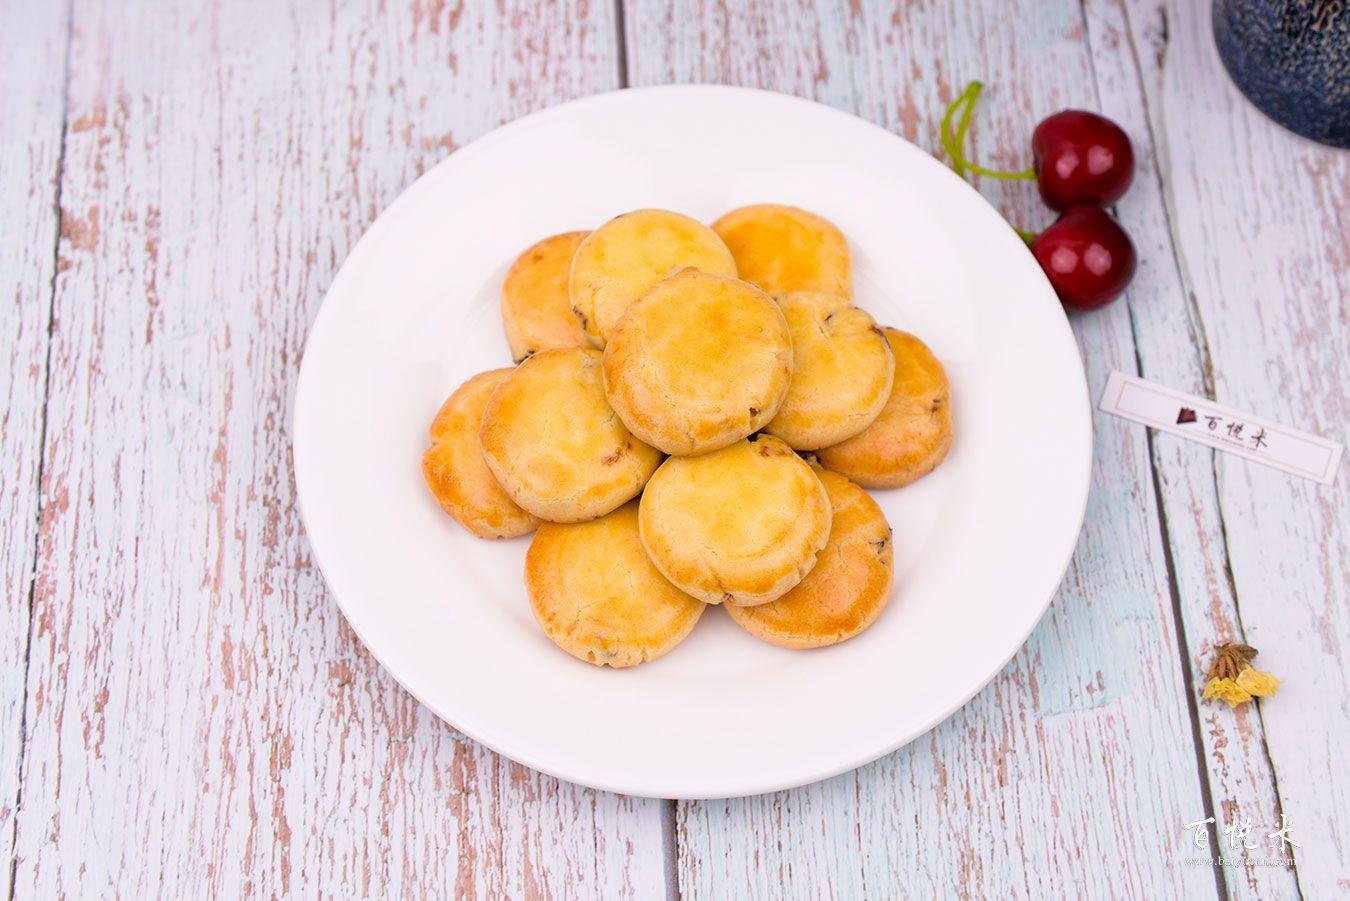 提子松饼饼干高清图片大全【蛋糕图片】_646